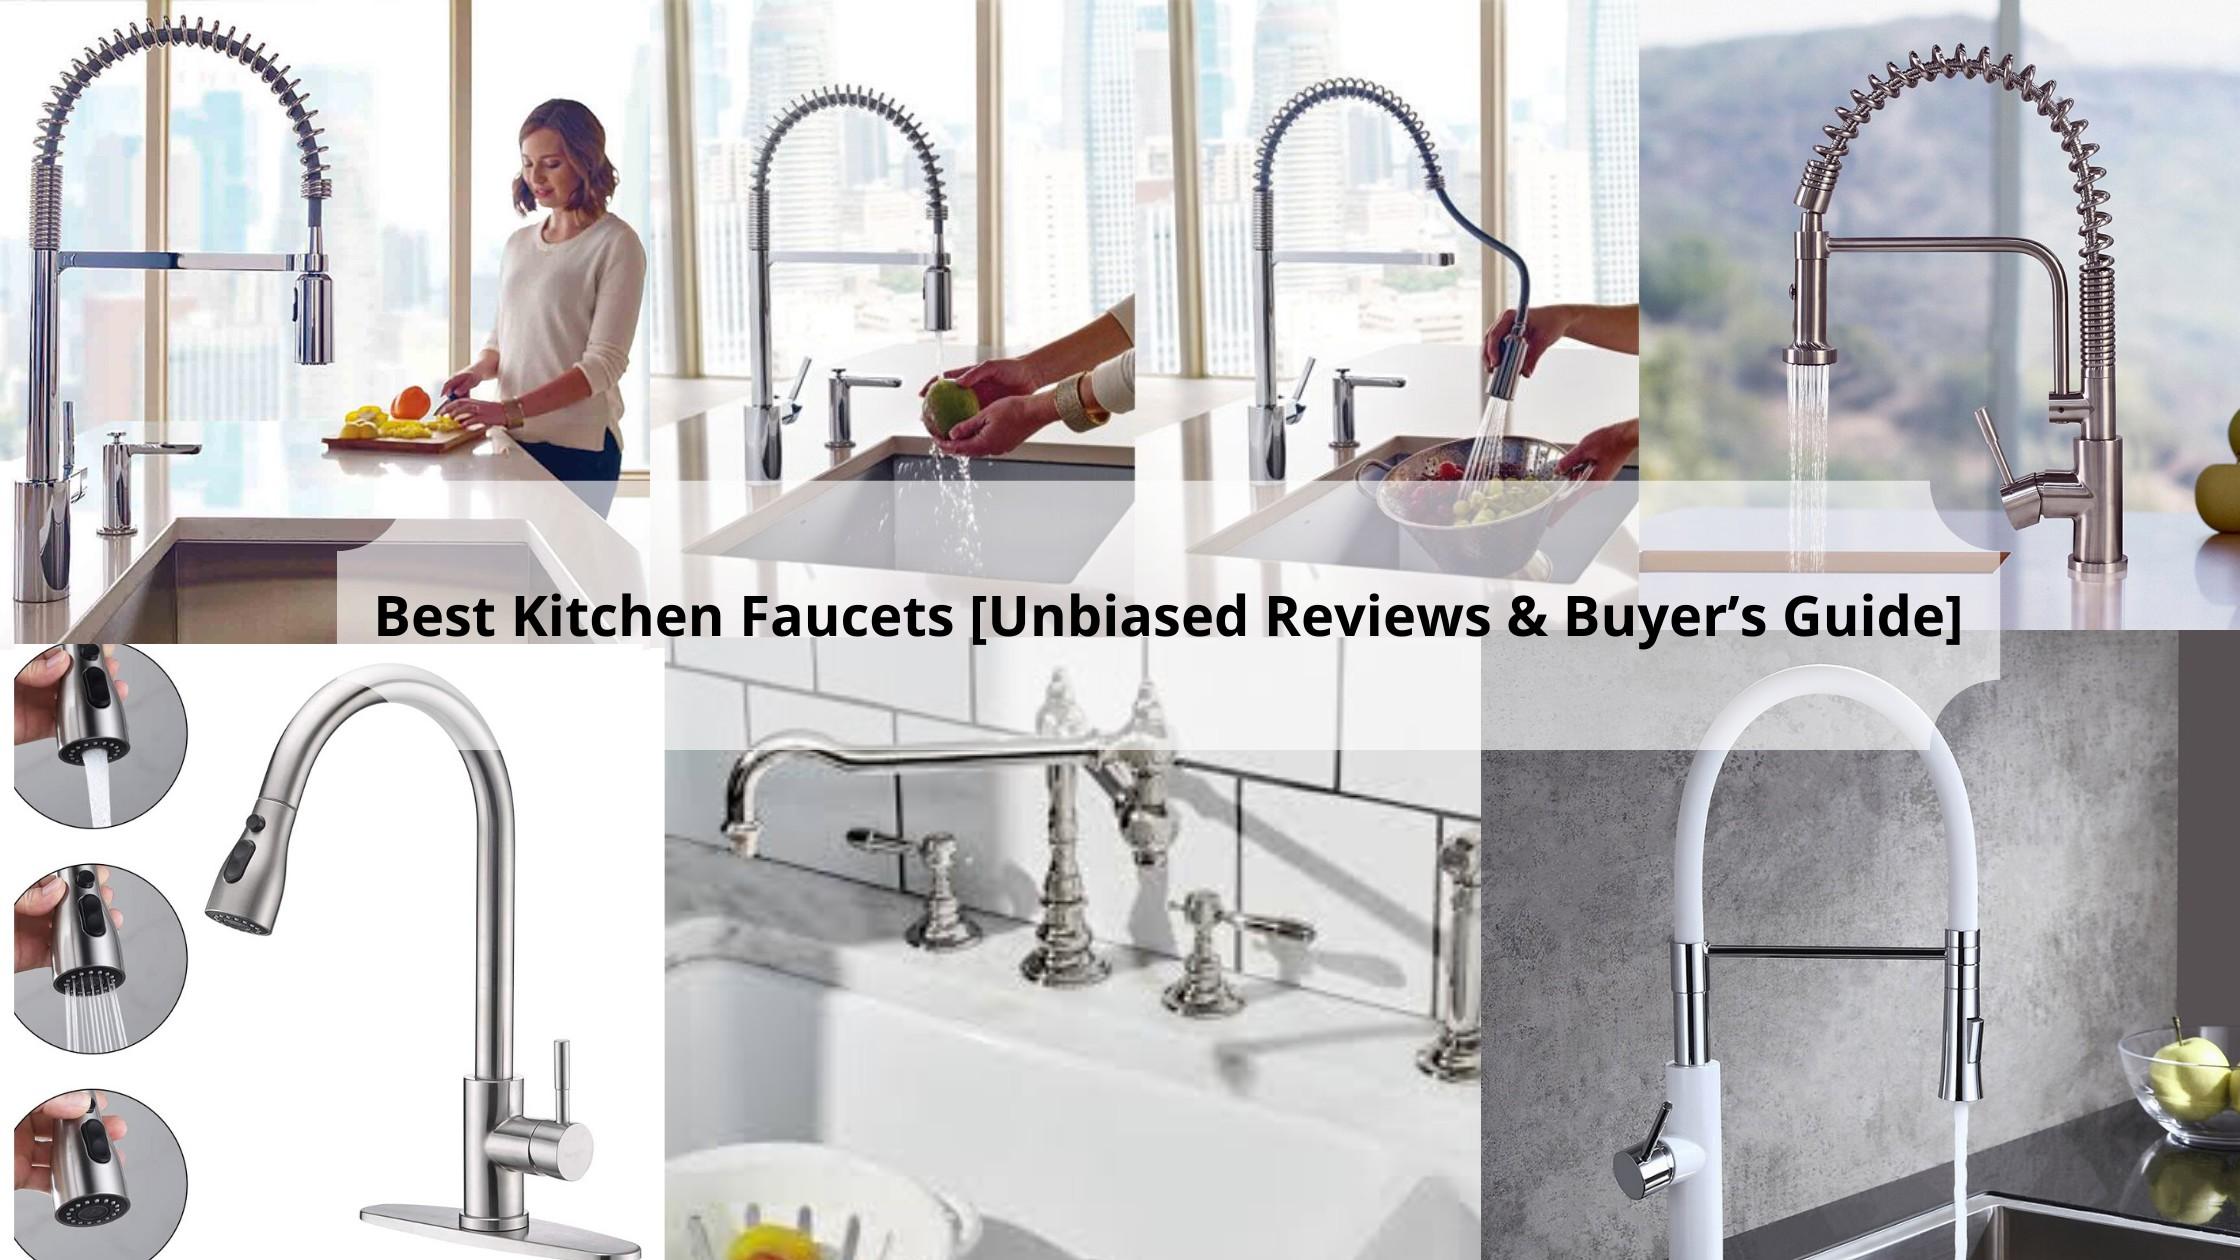 11 Best Kitchen Faucets 2020